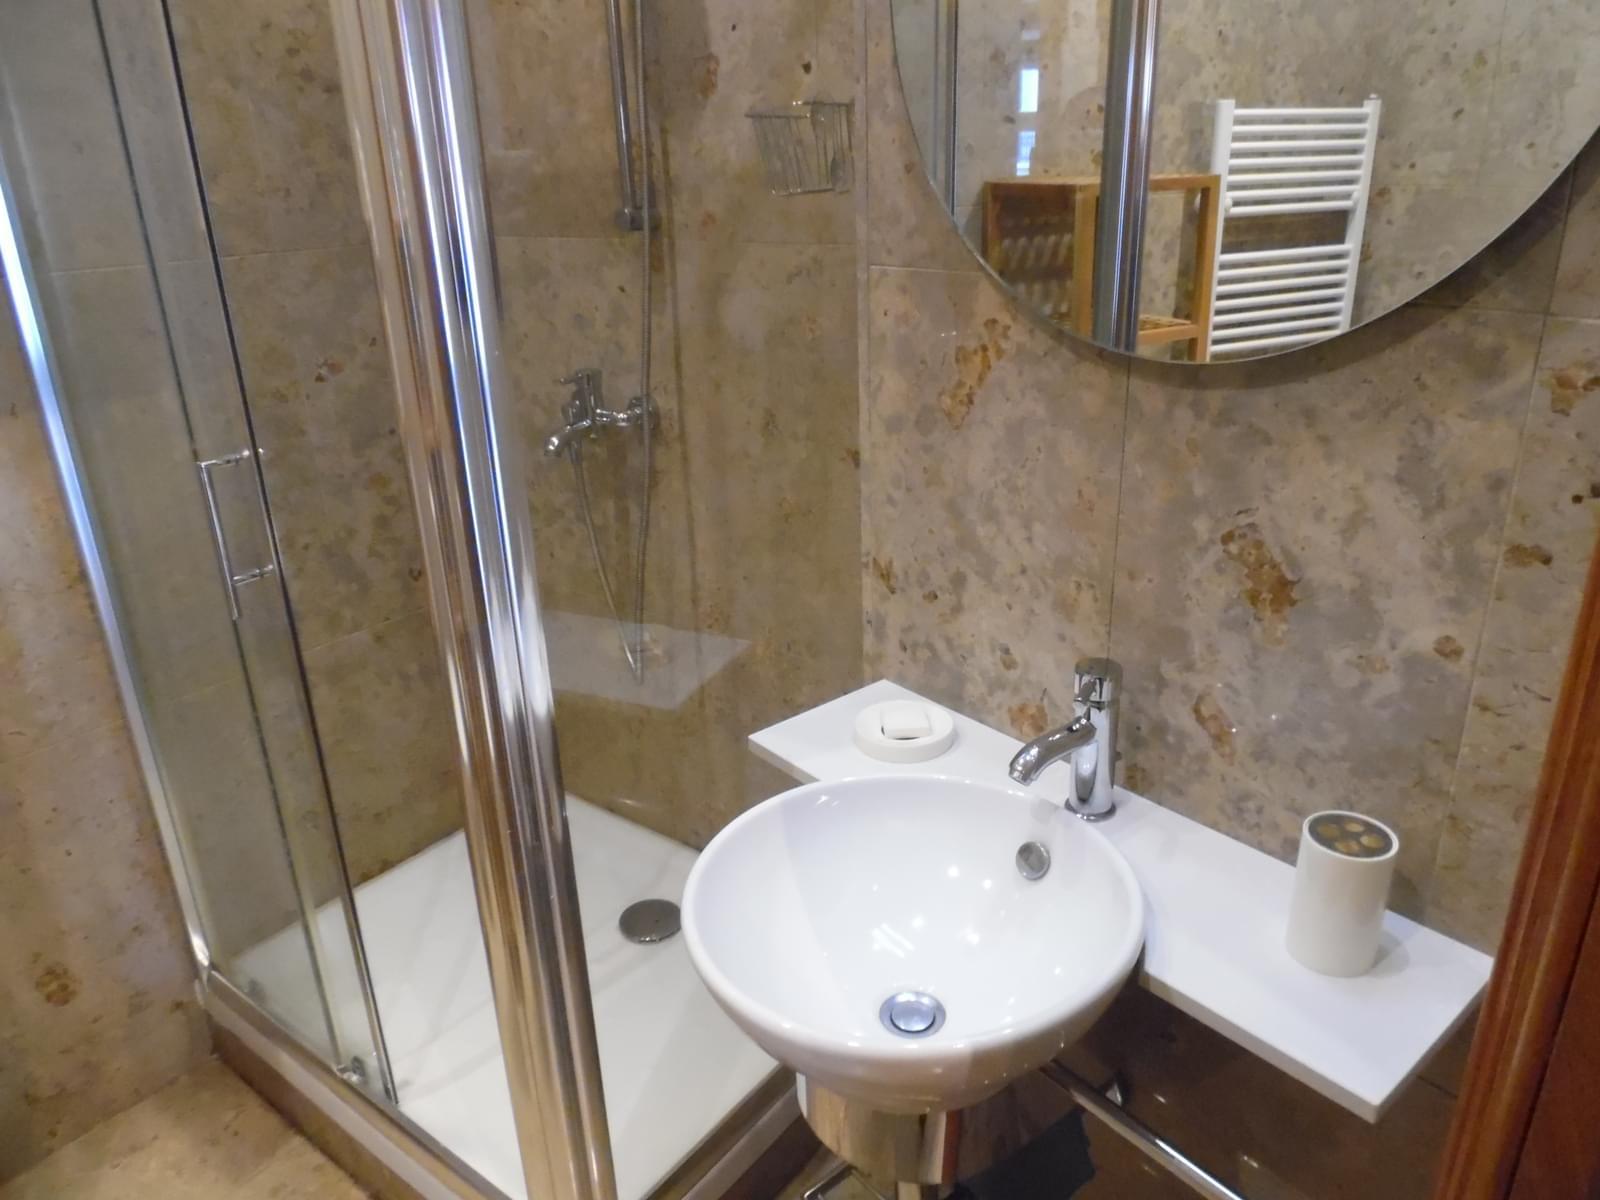 pf16905-apartamento-t1-lisboa-e5081c08-08a6-4790-bdee-8d7e276e1a64